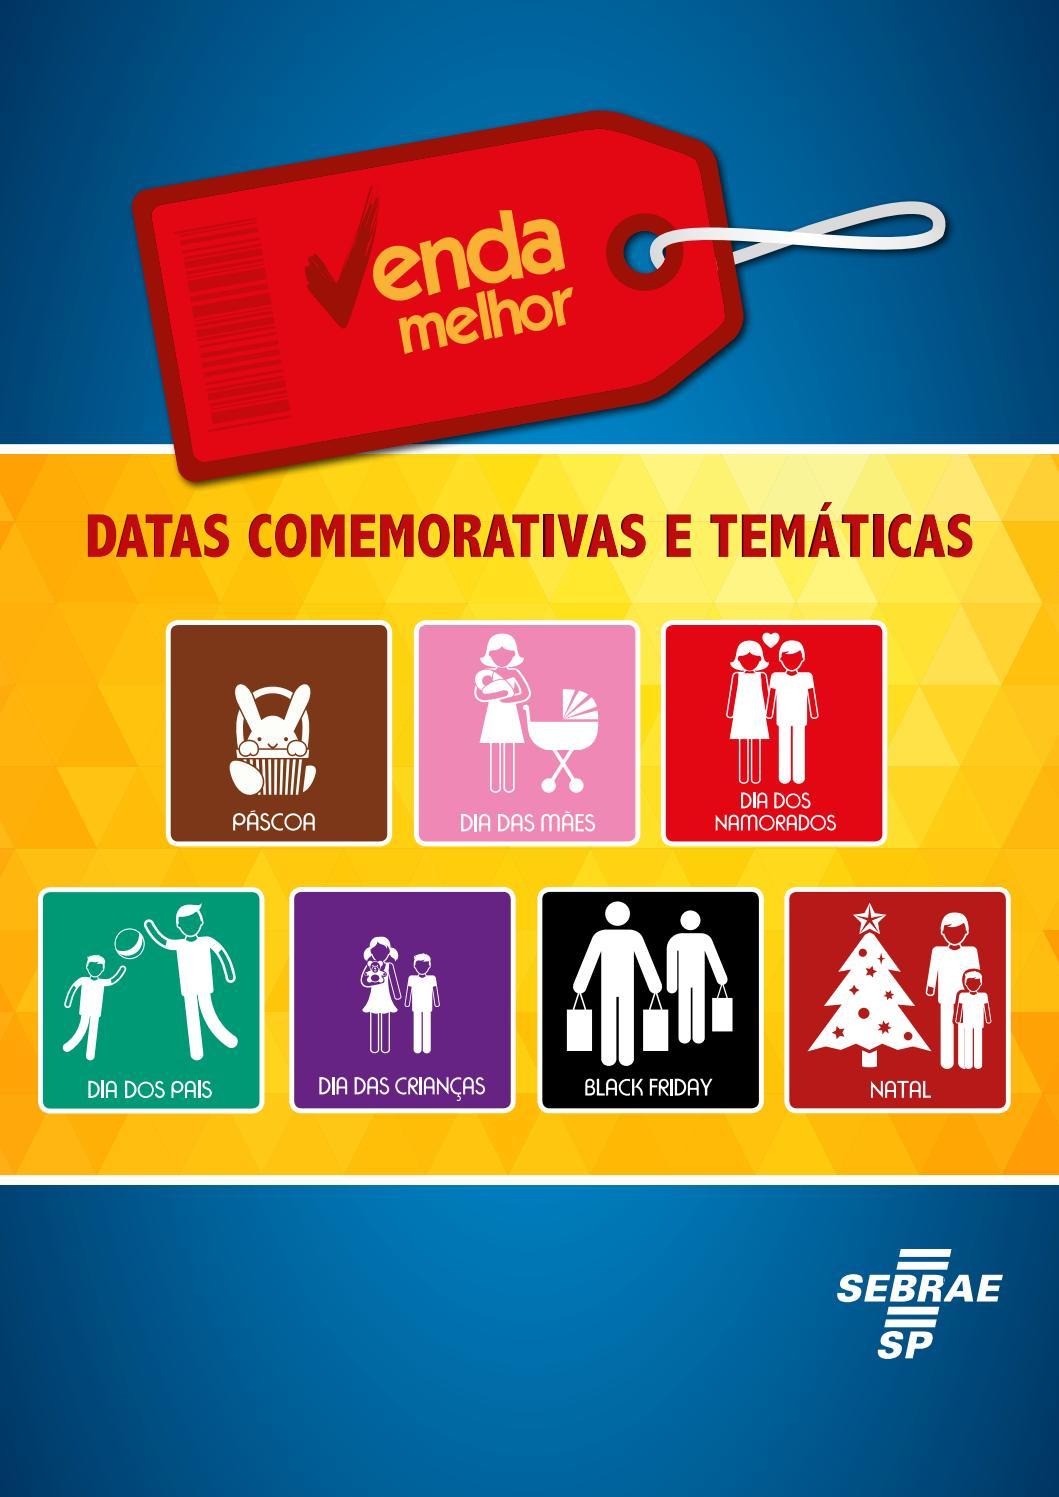 1e444f57dc Datas comemorativas e temáticas - Venda melhor by Sebrae-SP - issuu